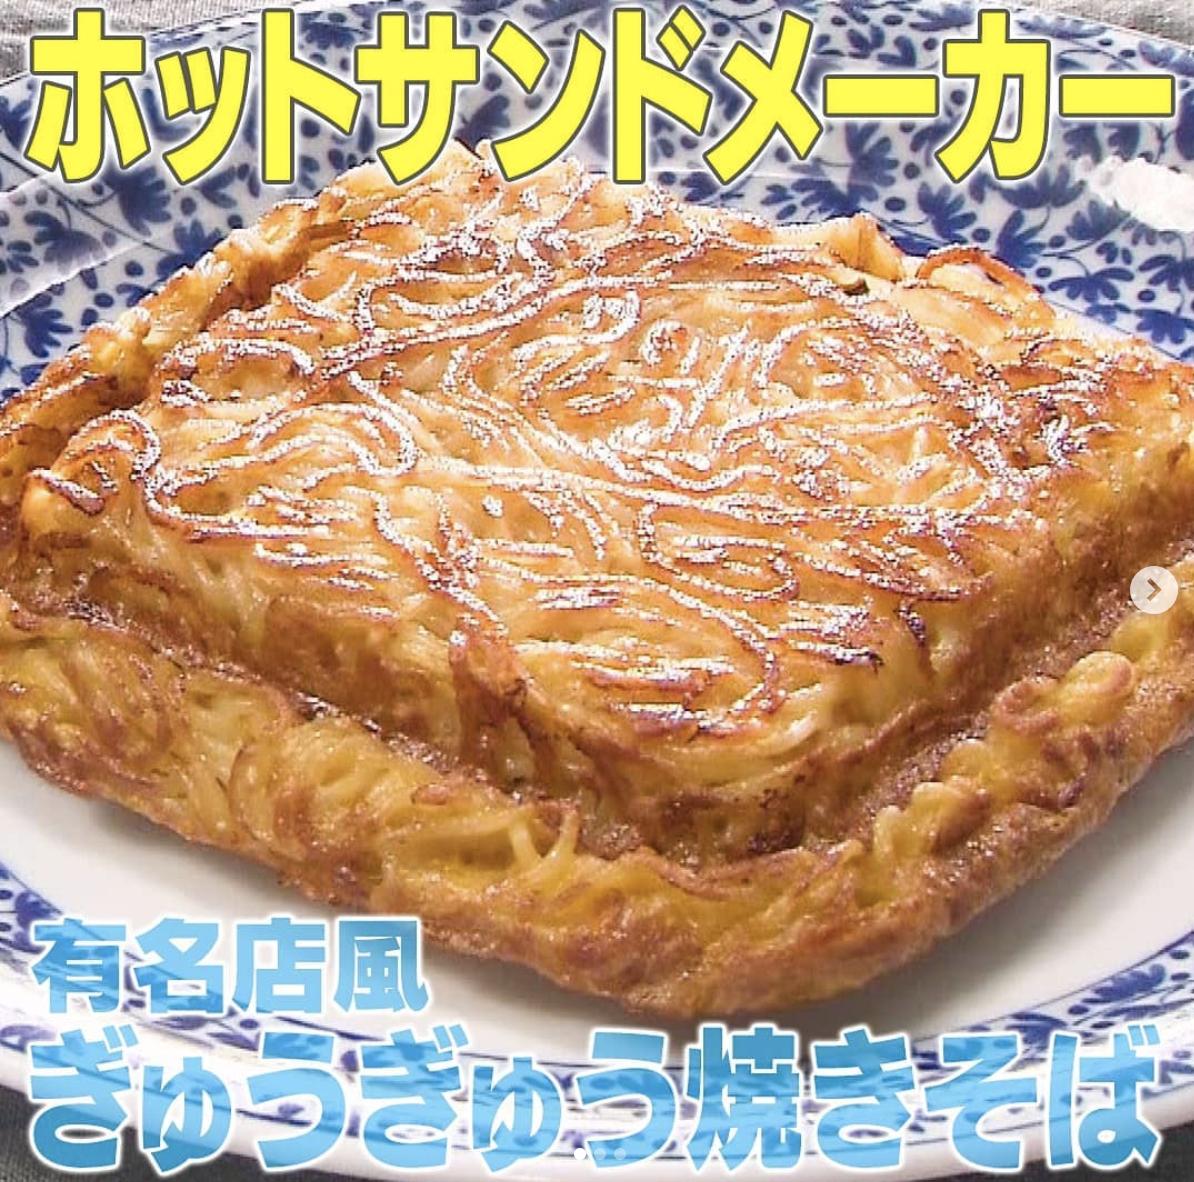 家事ヤロウのホットサンドメーカーレシピ5品「ぎゅうぎゅう焼きそば」(2020年8月19日)